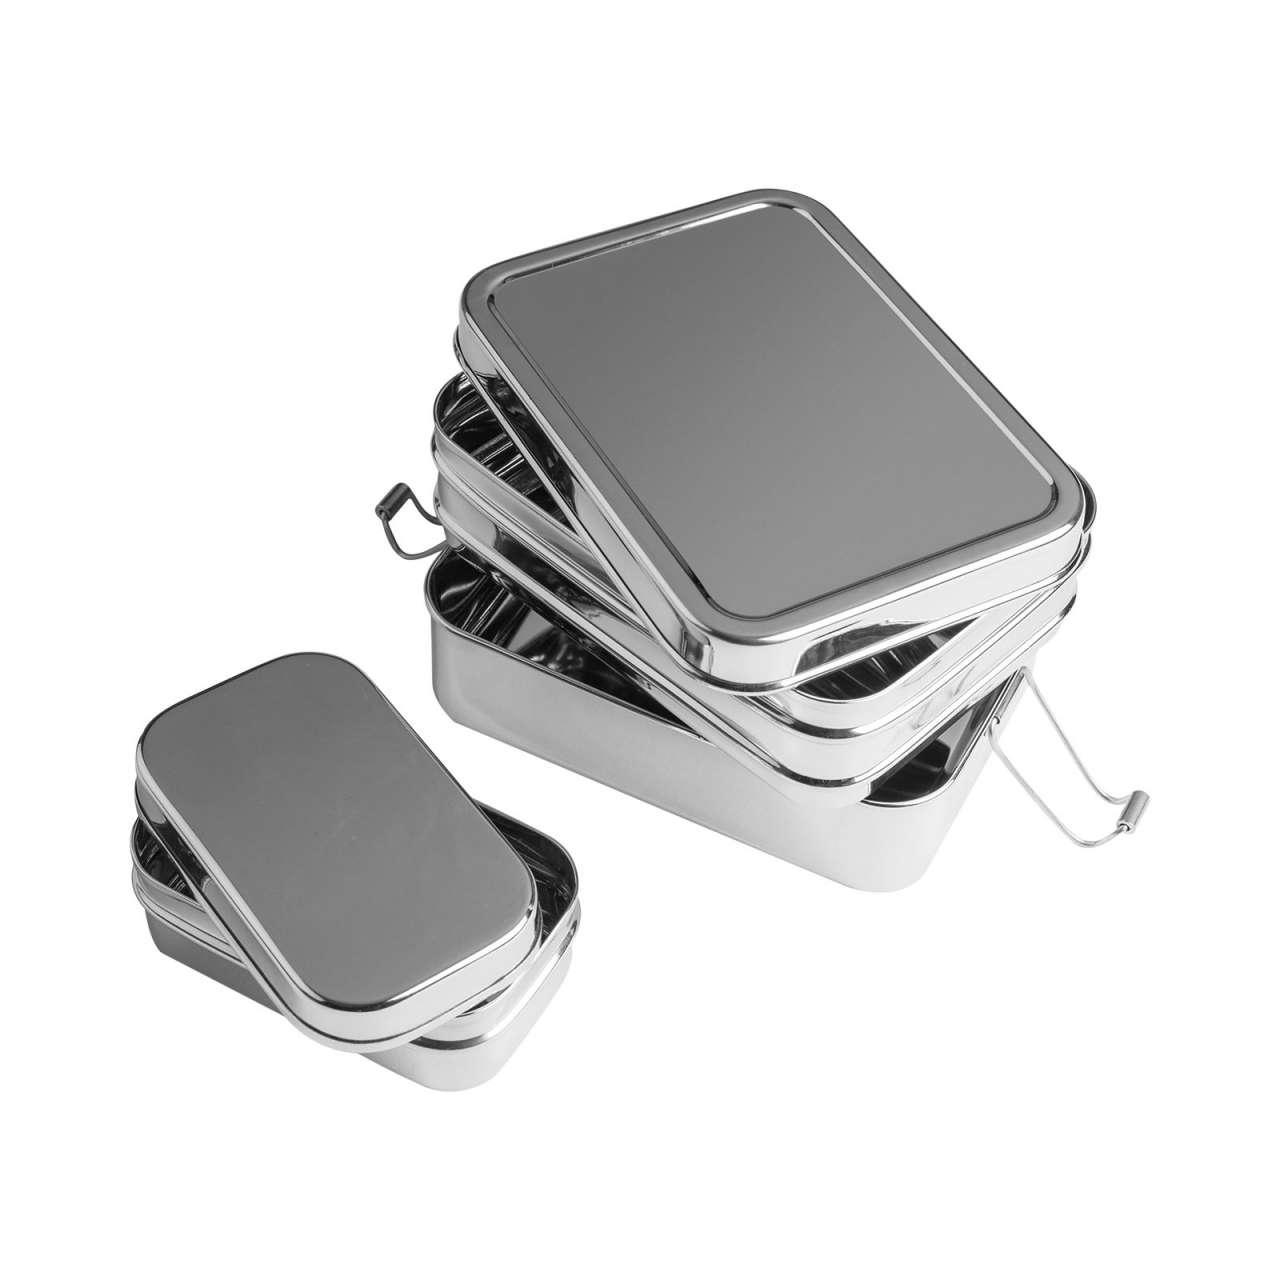 Brotzeit Lunchbox 3 Fächer - aus Edelstahl ohne Plastik